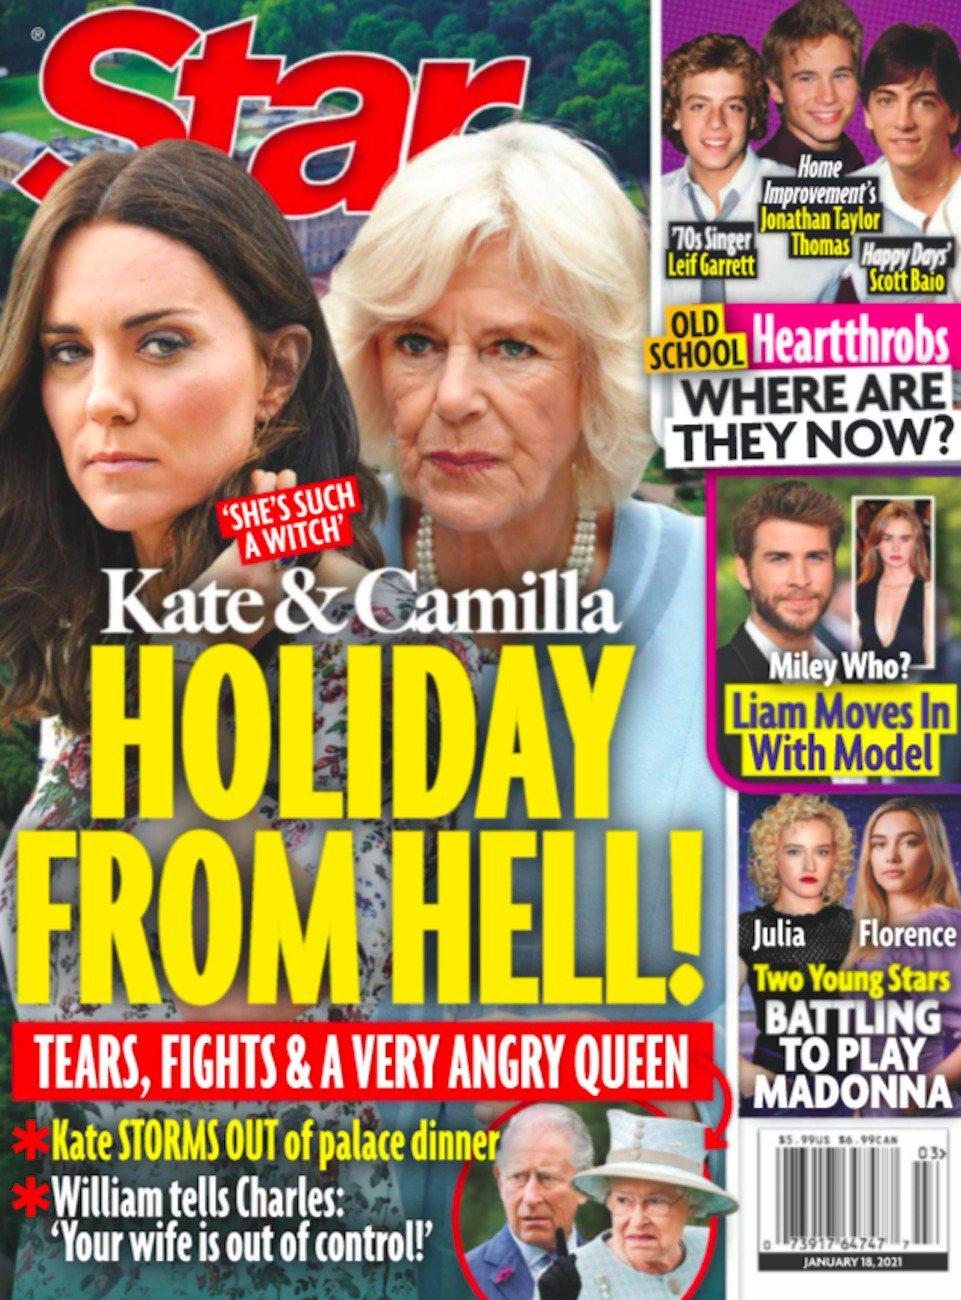 雜誌以封面報導卡蜜拉在耶誕假期折磨凱特,讓佳節有如地獄。圖/摘自Star